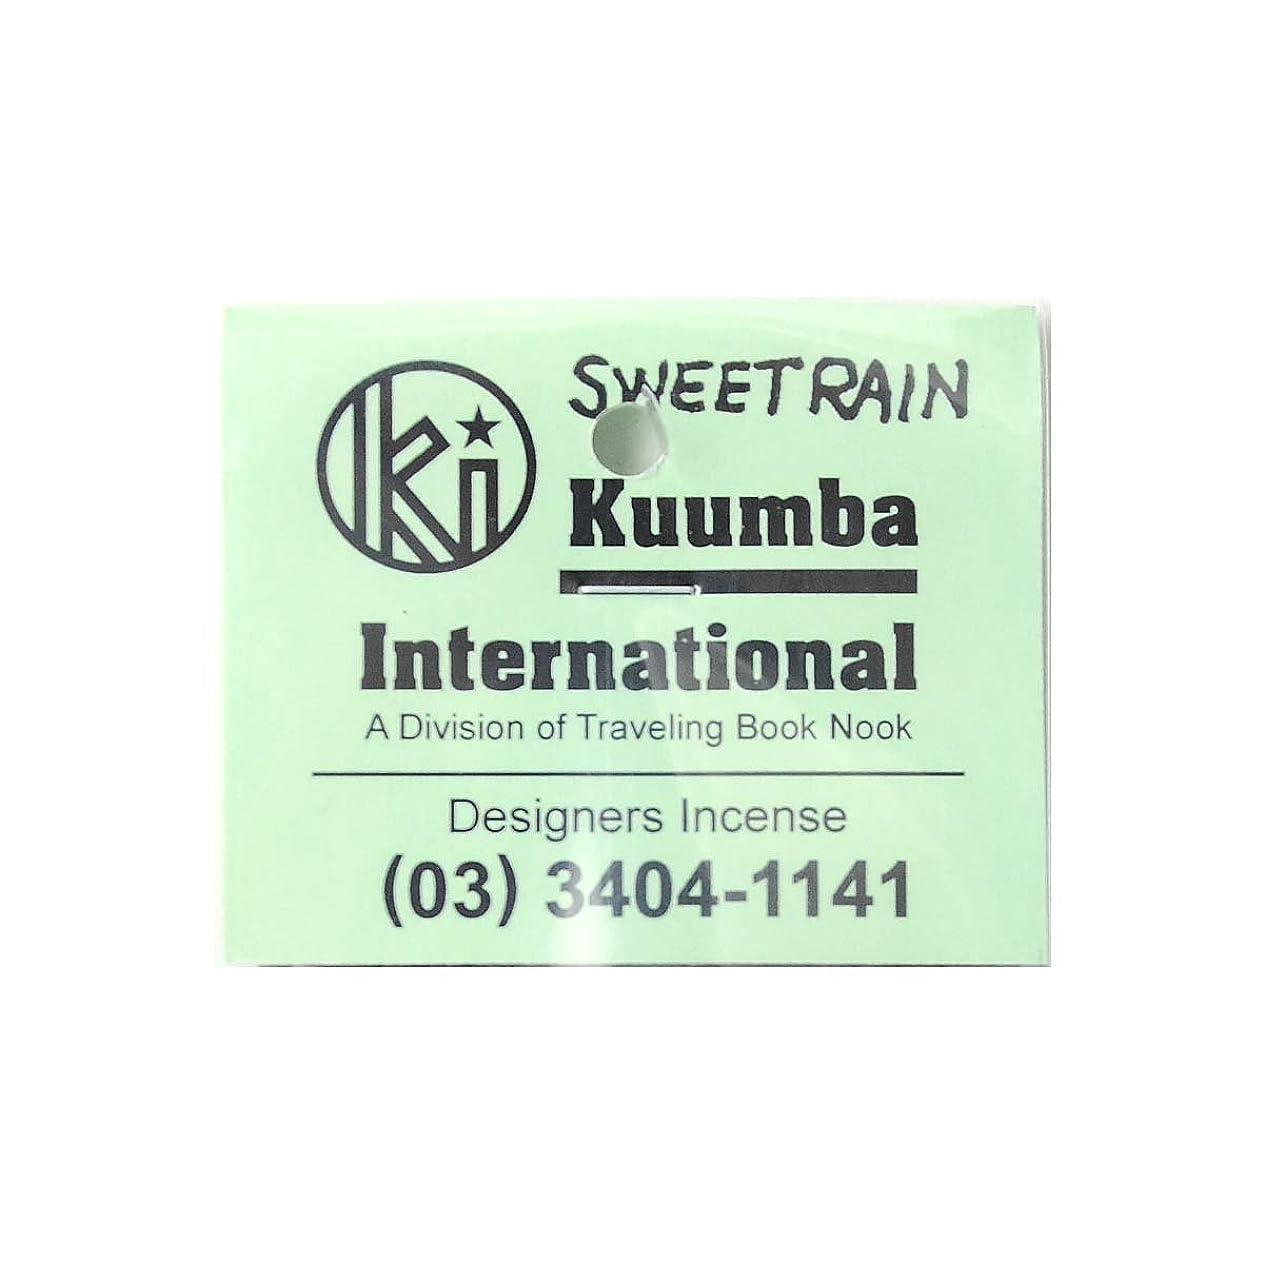 ポルトガル語見せます石KUUMBA INTERNATIONAL クンバ インターナショナル incense RegularStick お香